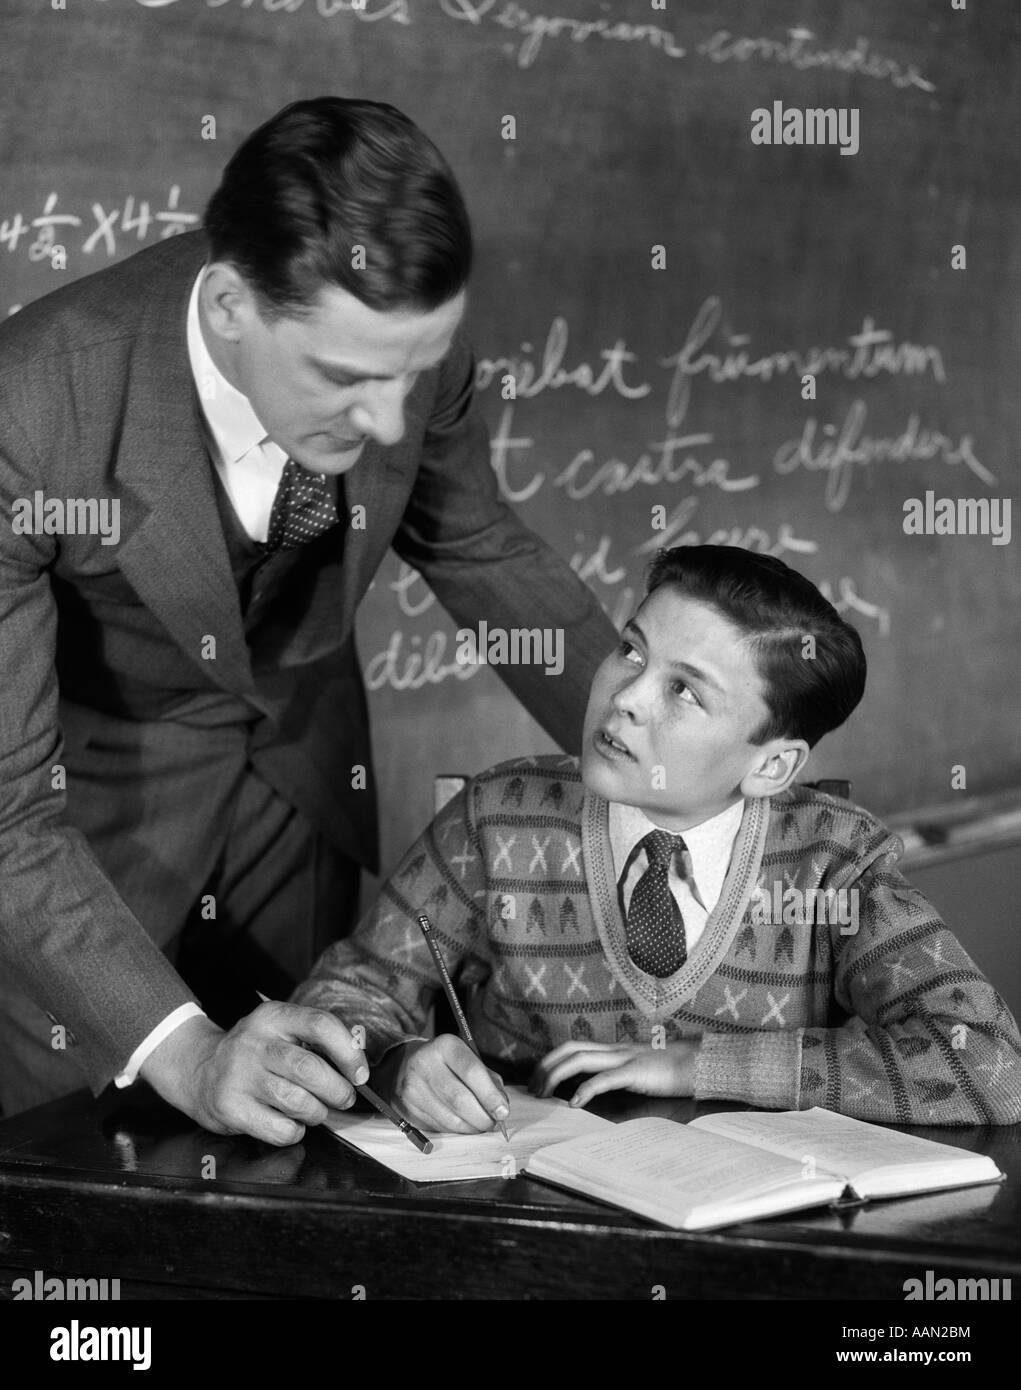 Années 1920, ENSEIGNANT EN CLASSE AIDER BOY AT 24 - TABLEAU NOIR EN ARRIÈRE-PLAN Photo Stock